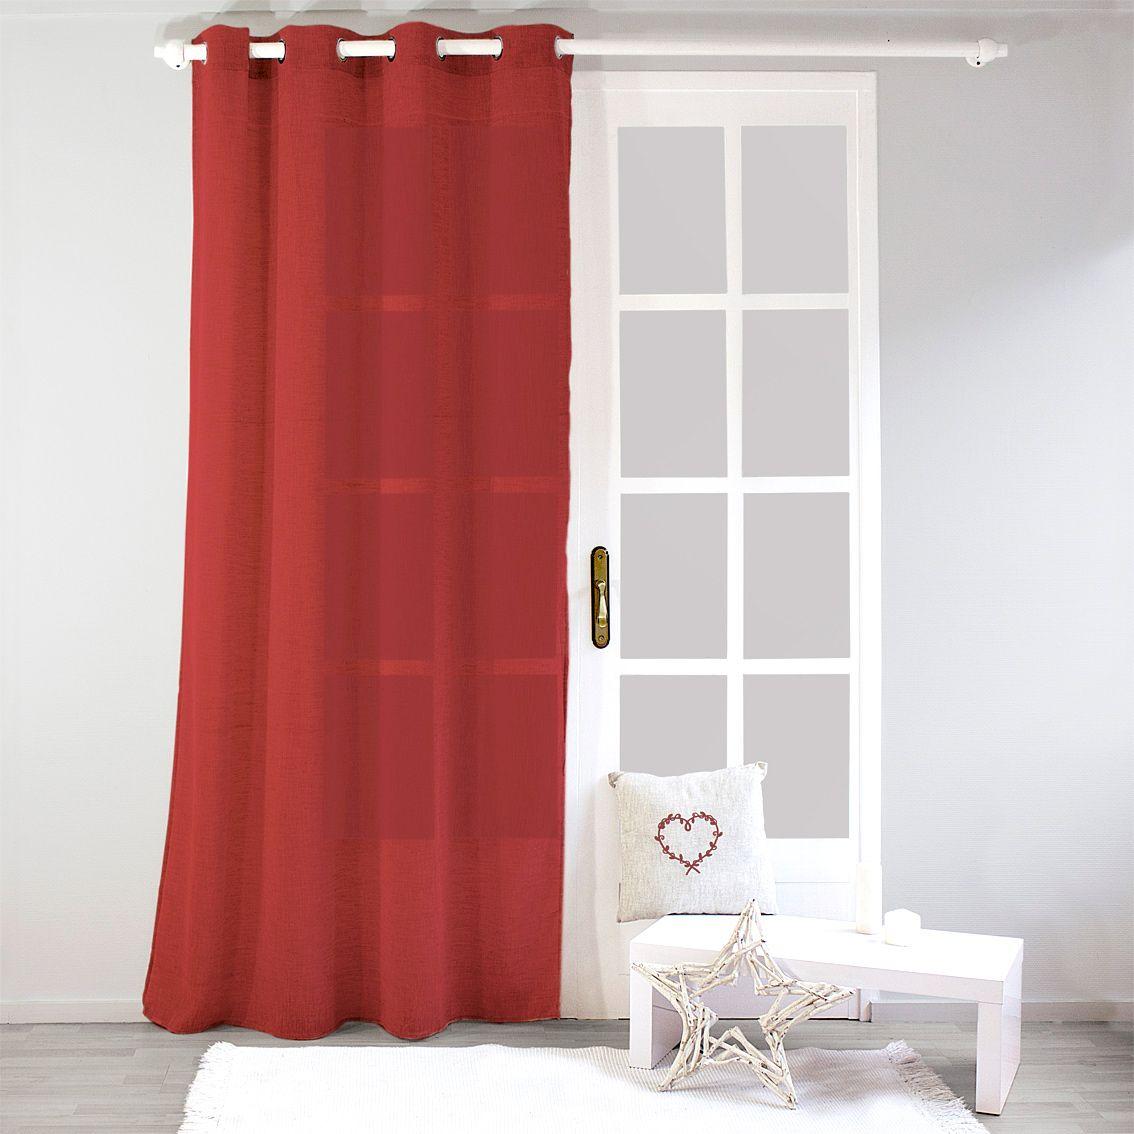 voilage 140 x h 240 cm effet lin rouge voilage eminza. Black Bedroom Furniture Sets. Home Design Ideas